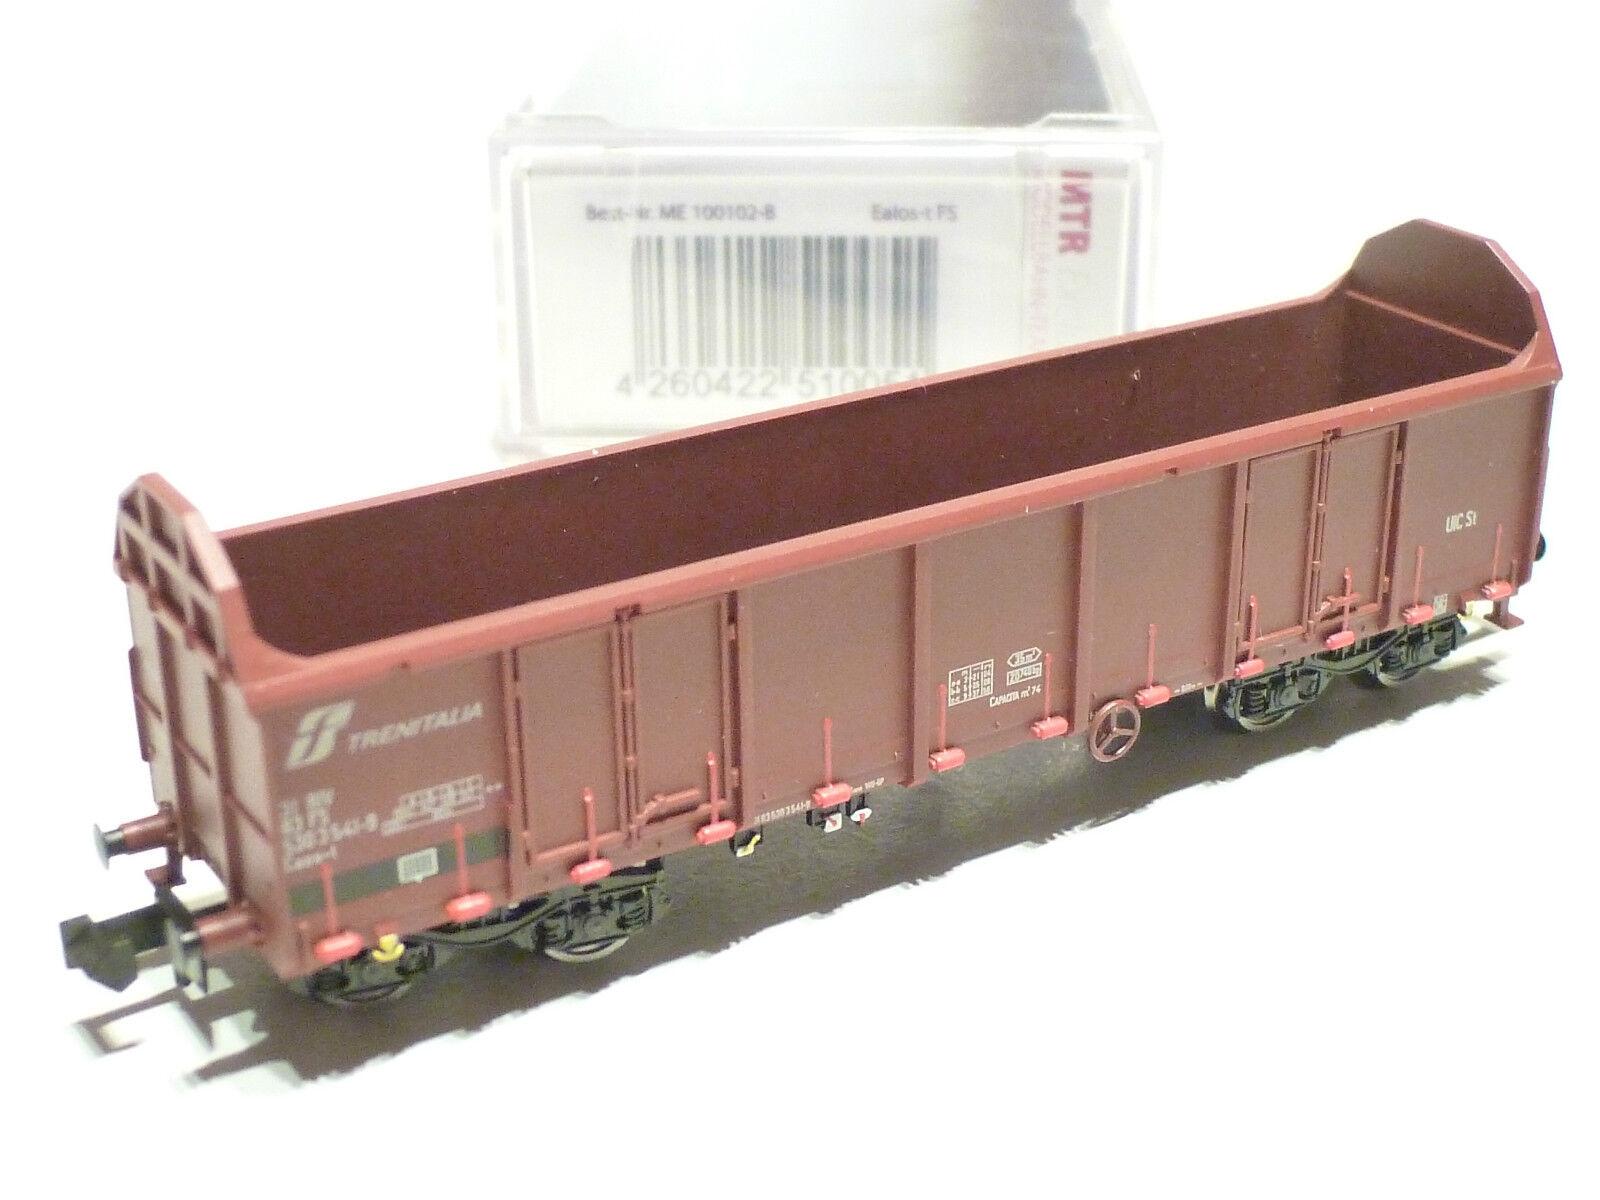 Mtr N FS Wood Trolley Type ealos-T Brown ME100102-B NEW OVP